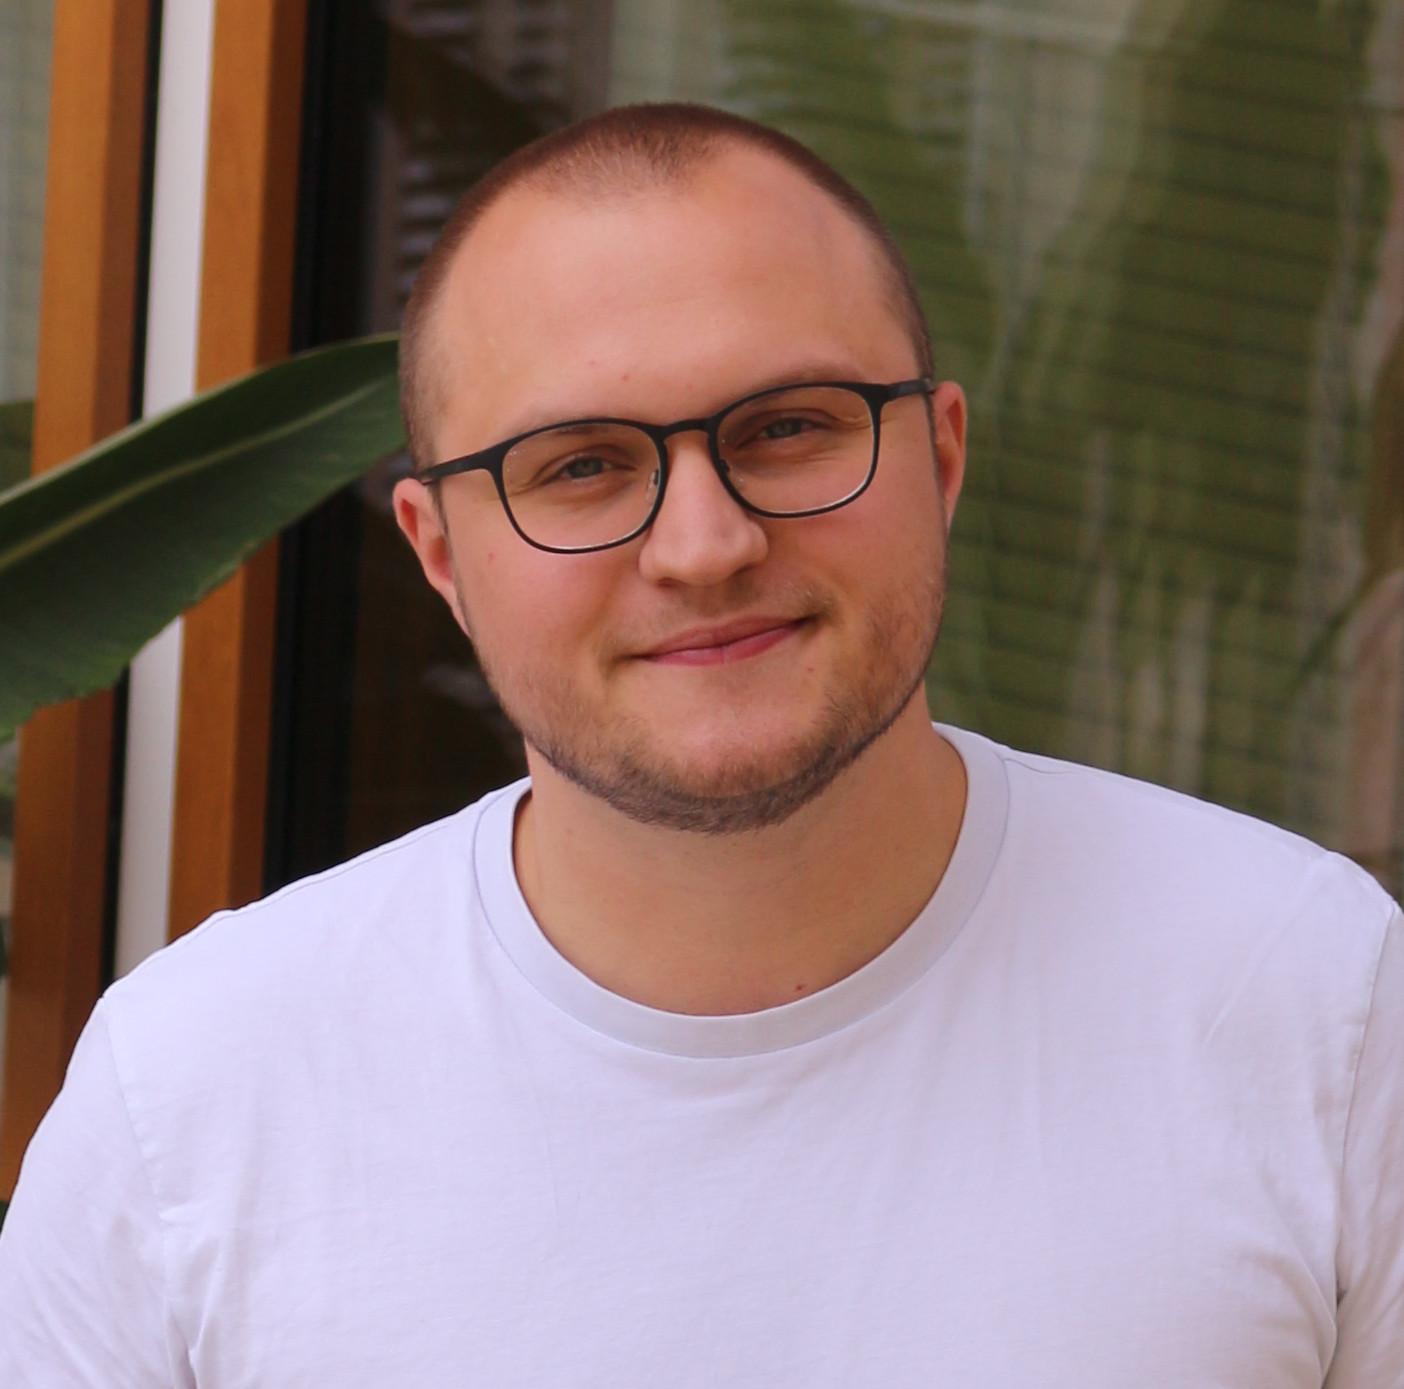 Jonathan Wein